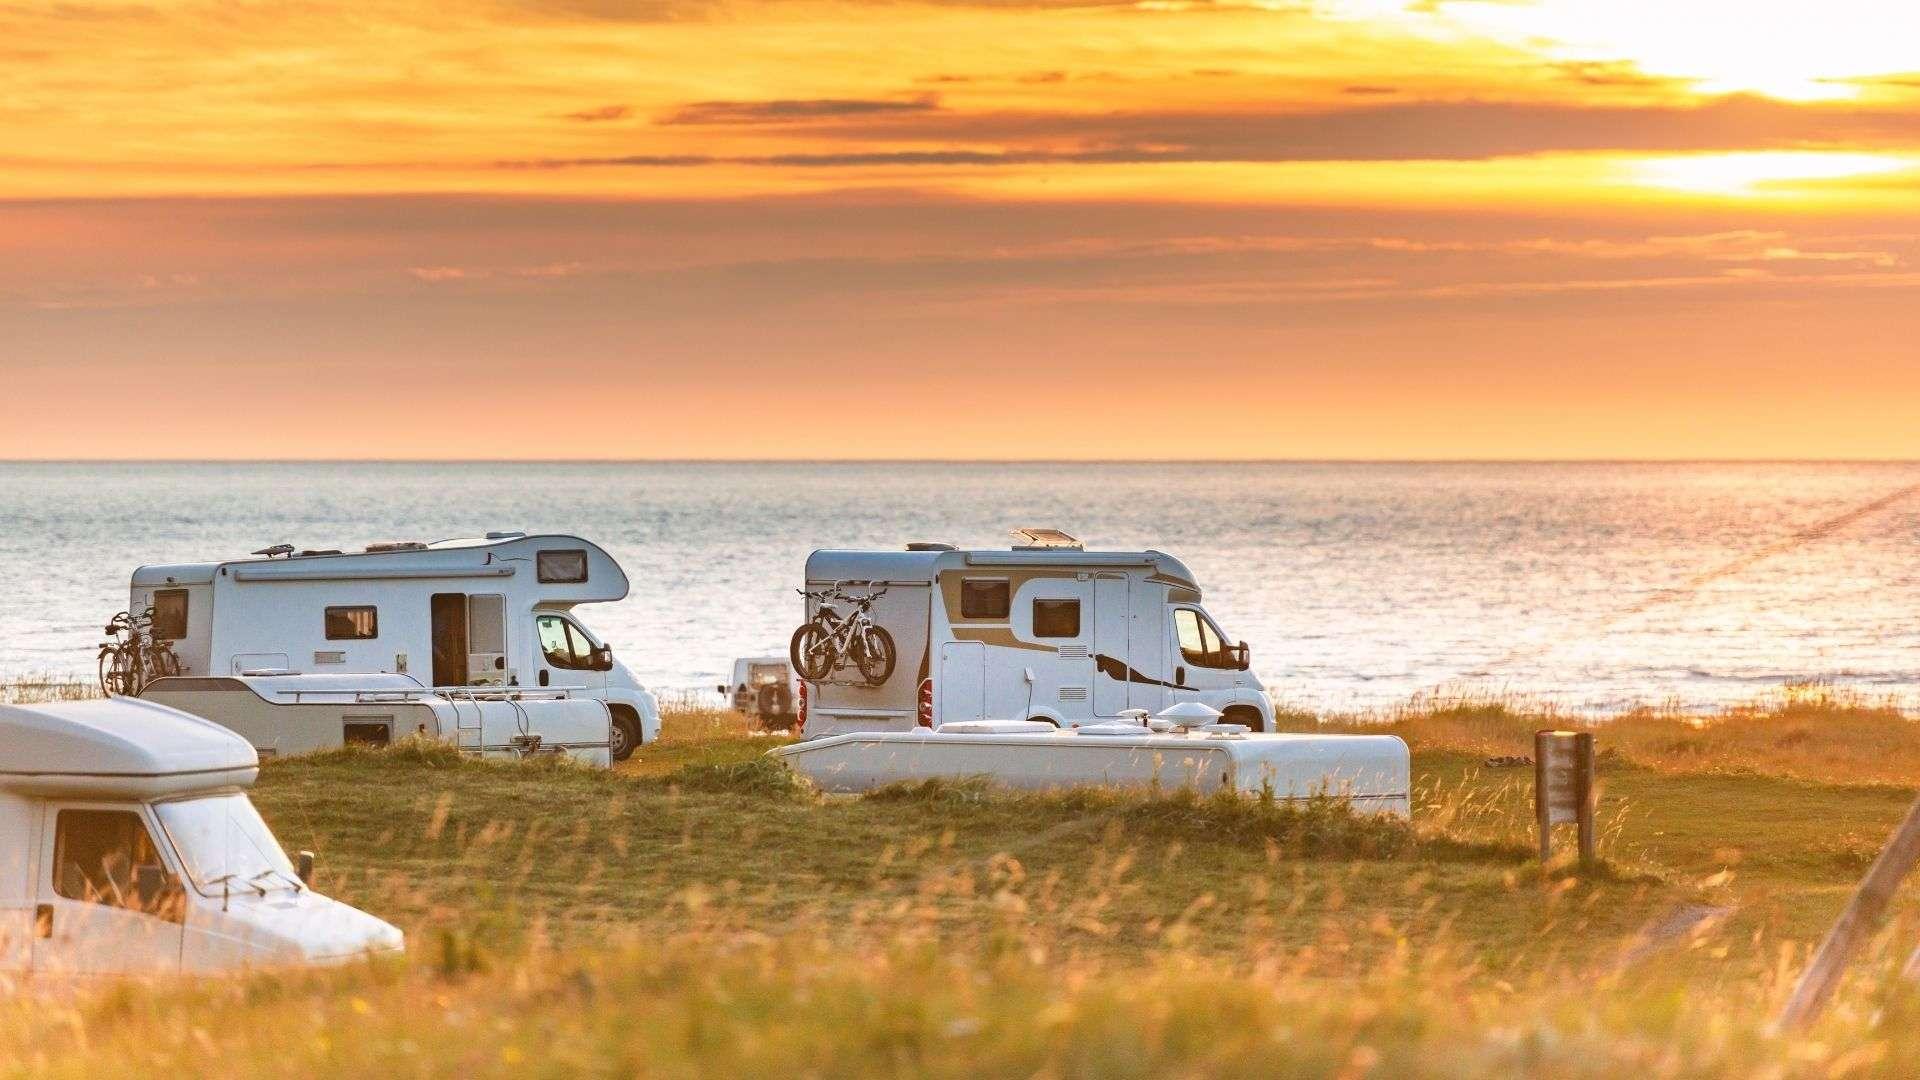 Wohnmobile am Meer mit Sonnenuntergang.